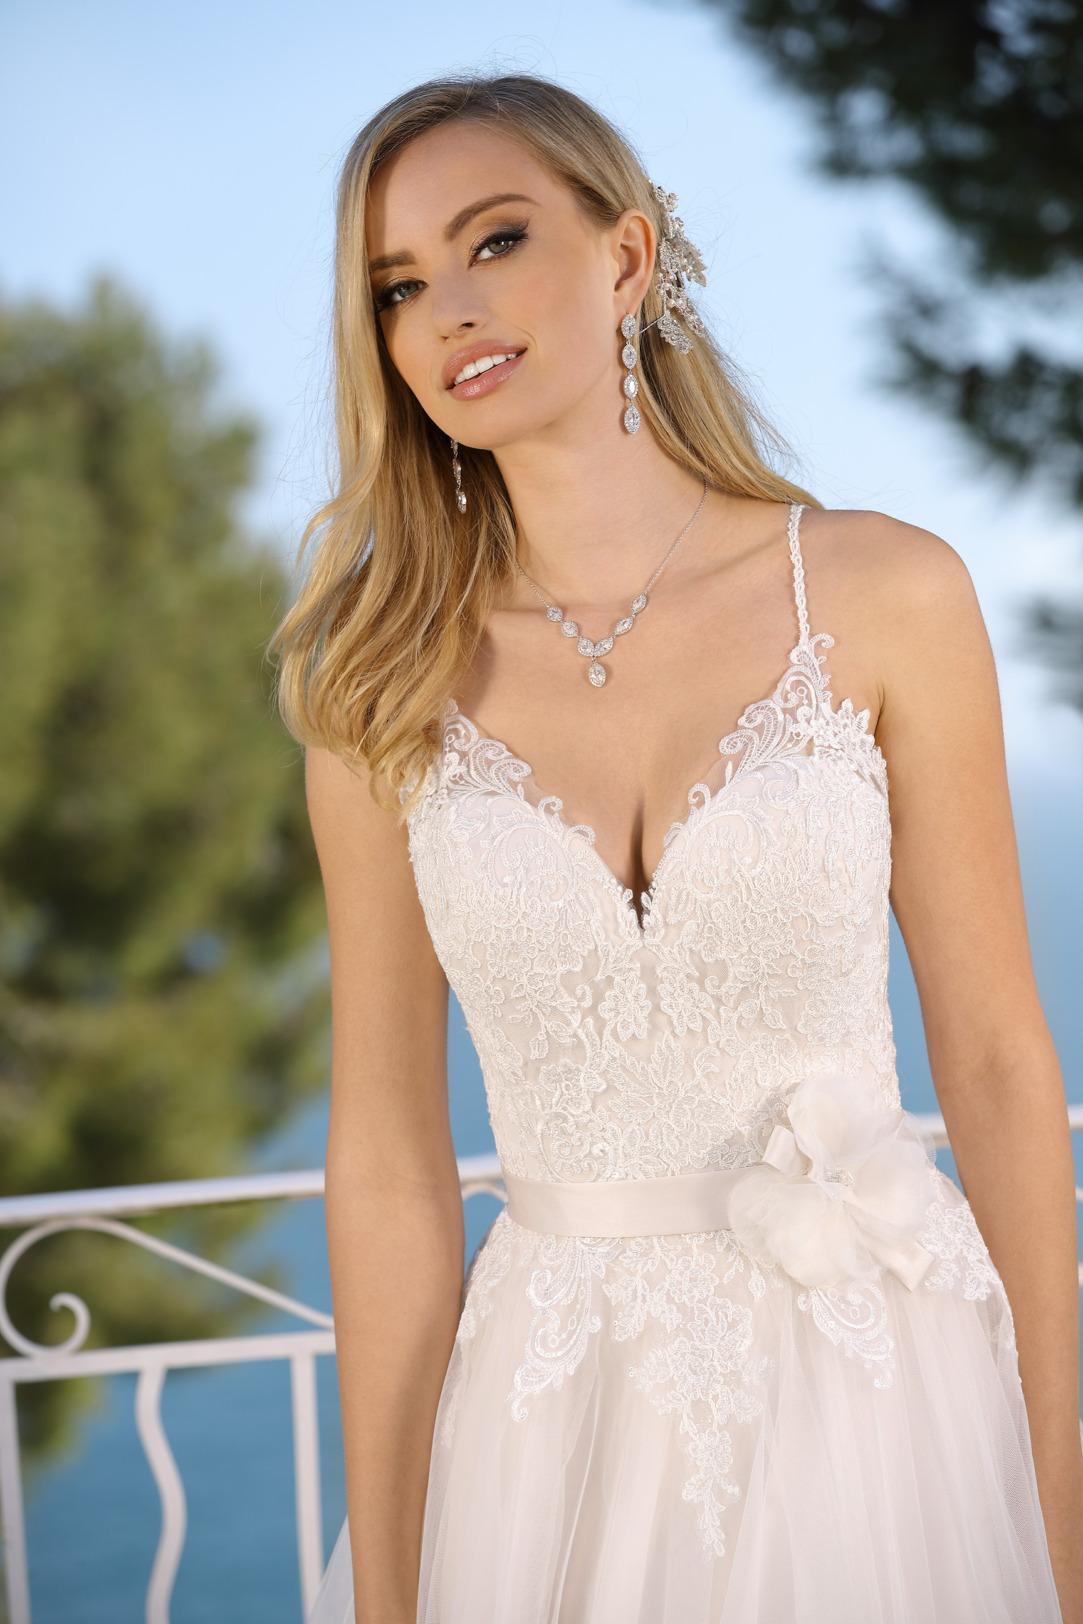 Brautkleid Hochzeitskleid in klassischer A Linie von Ladybird Modell 321000 mit ganz fein gearbeitetem V Ausschnitt und schmalen Perlen Trägern Spitze im Dekolltee das Kleid in der Farbe light pink rose Nahaufnahme Oberteil